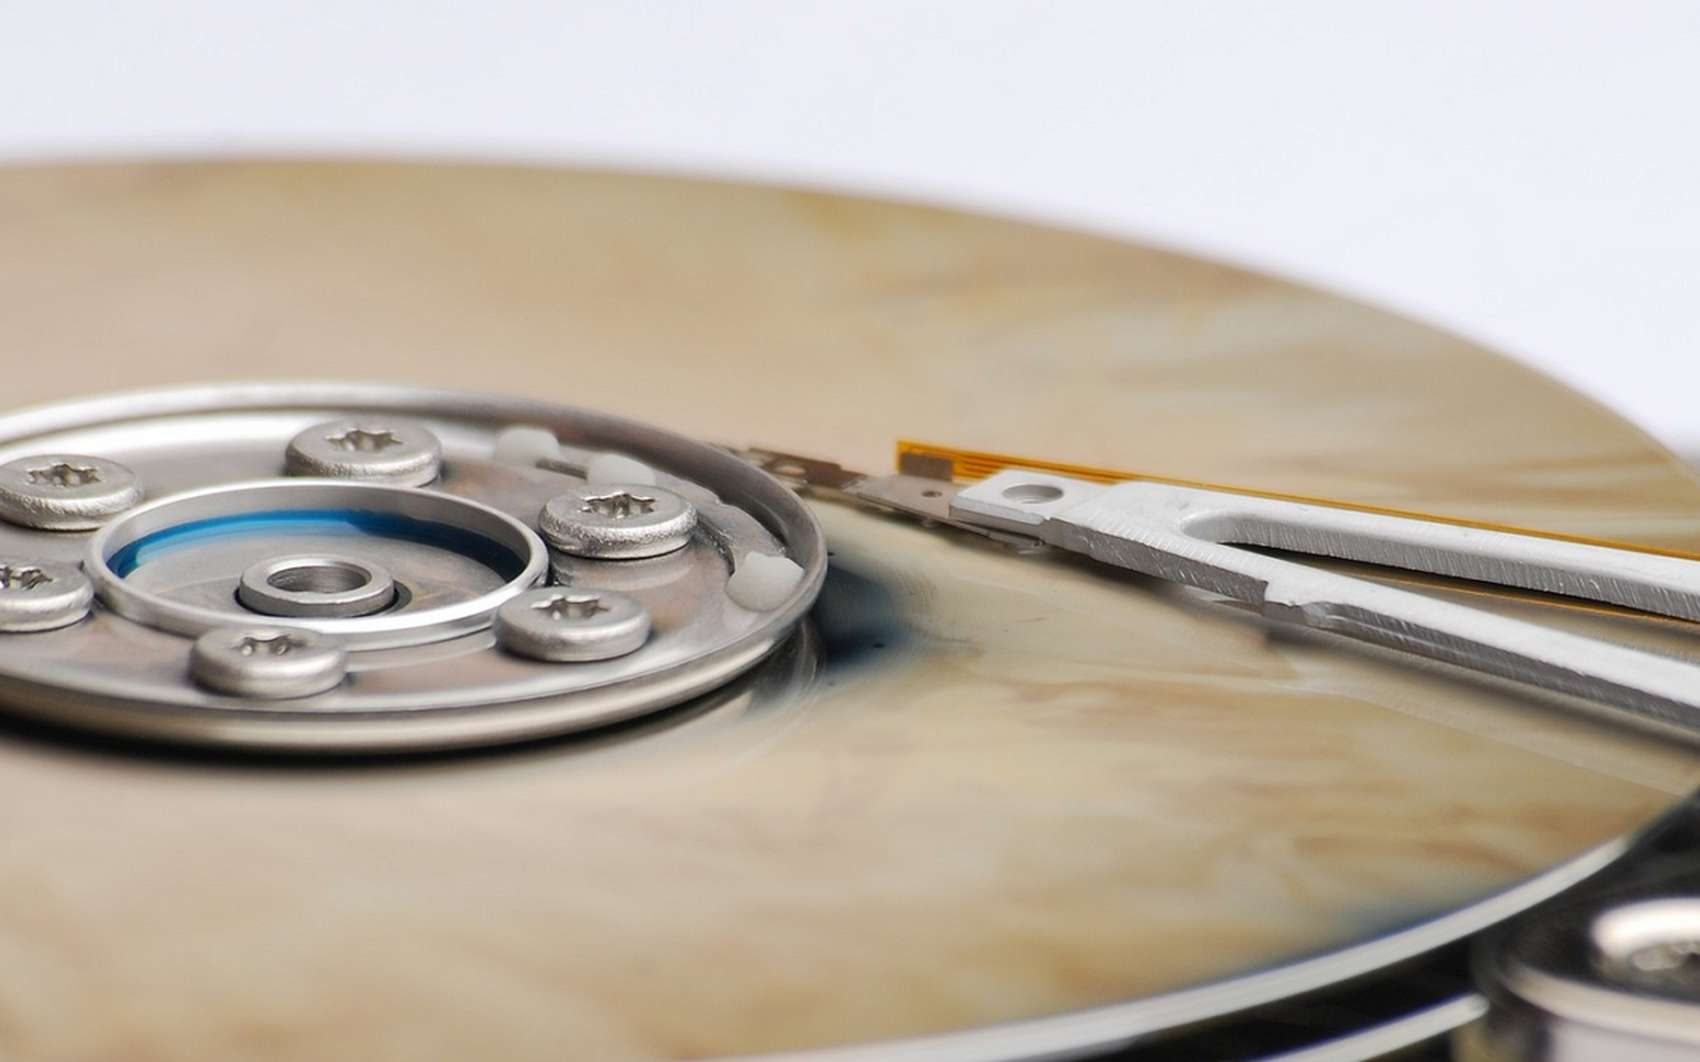 L'intérêt de modifier le système de fichiers d'une partition est de profiter des avantages et inconvénients des formats FAT32 et NTFS, en fonction du système d'exploitation utilisé. © Pixabay.com